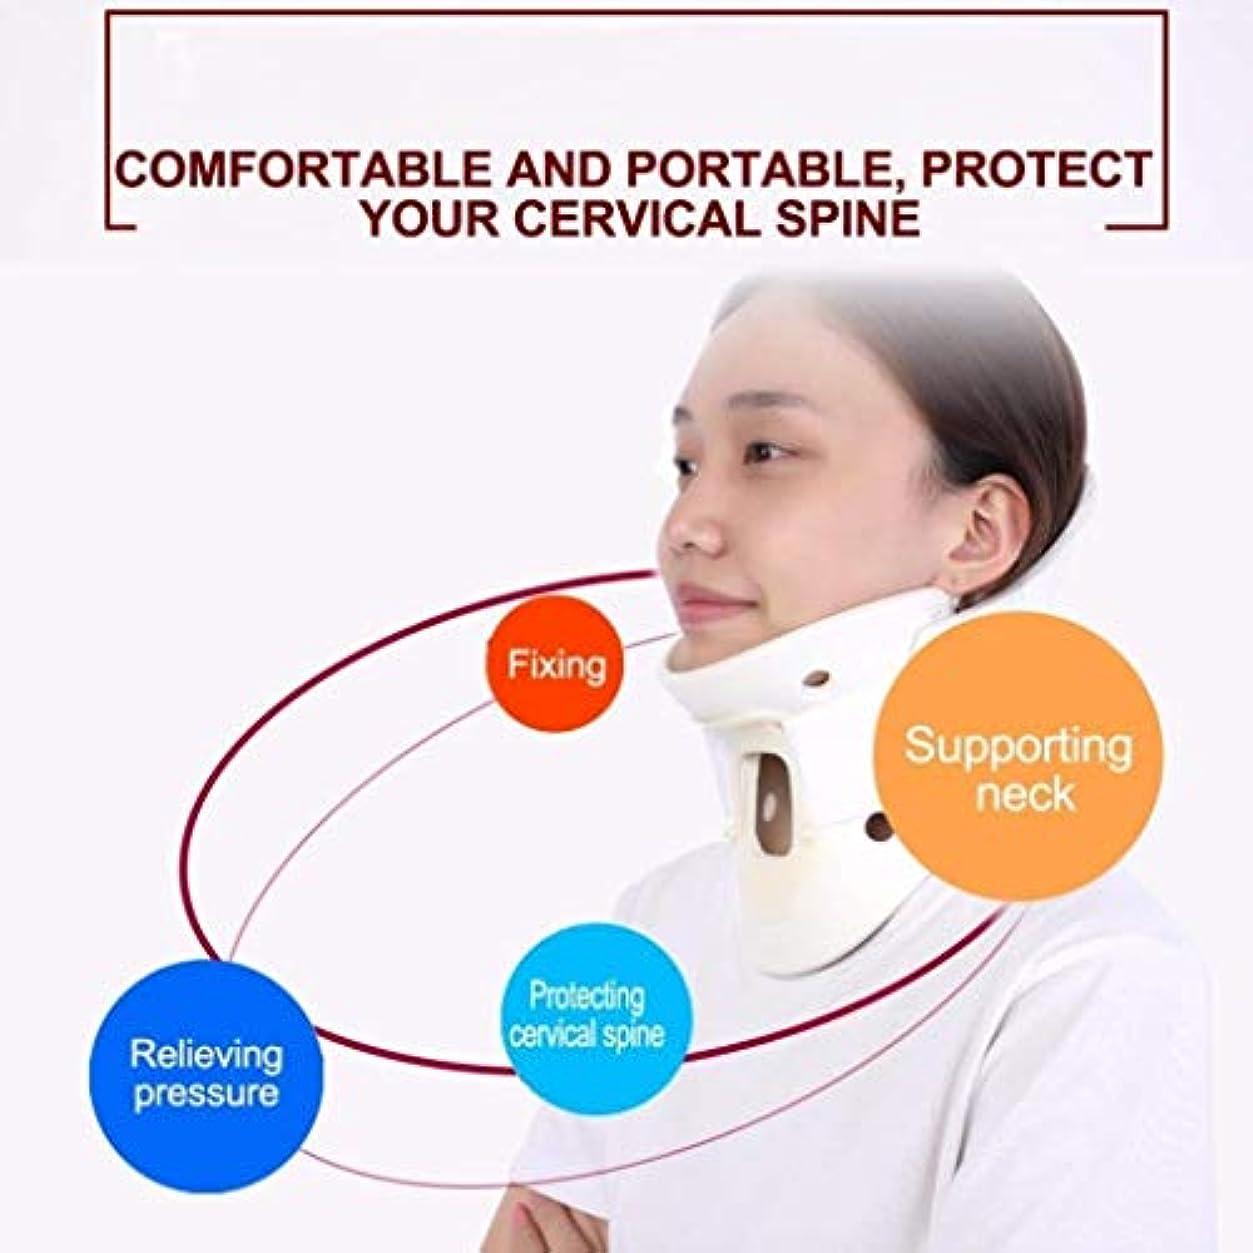 グリースペルー預言者ネックマッサージャー、通気性ネックサポートケアツール、ホームマッサージ頸椎、圧力/痛みを和らげる、医療ネックトラクションリングホルダー